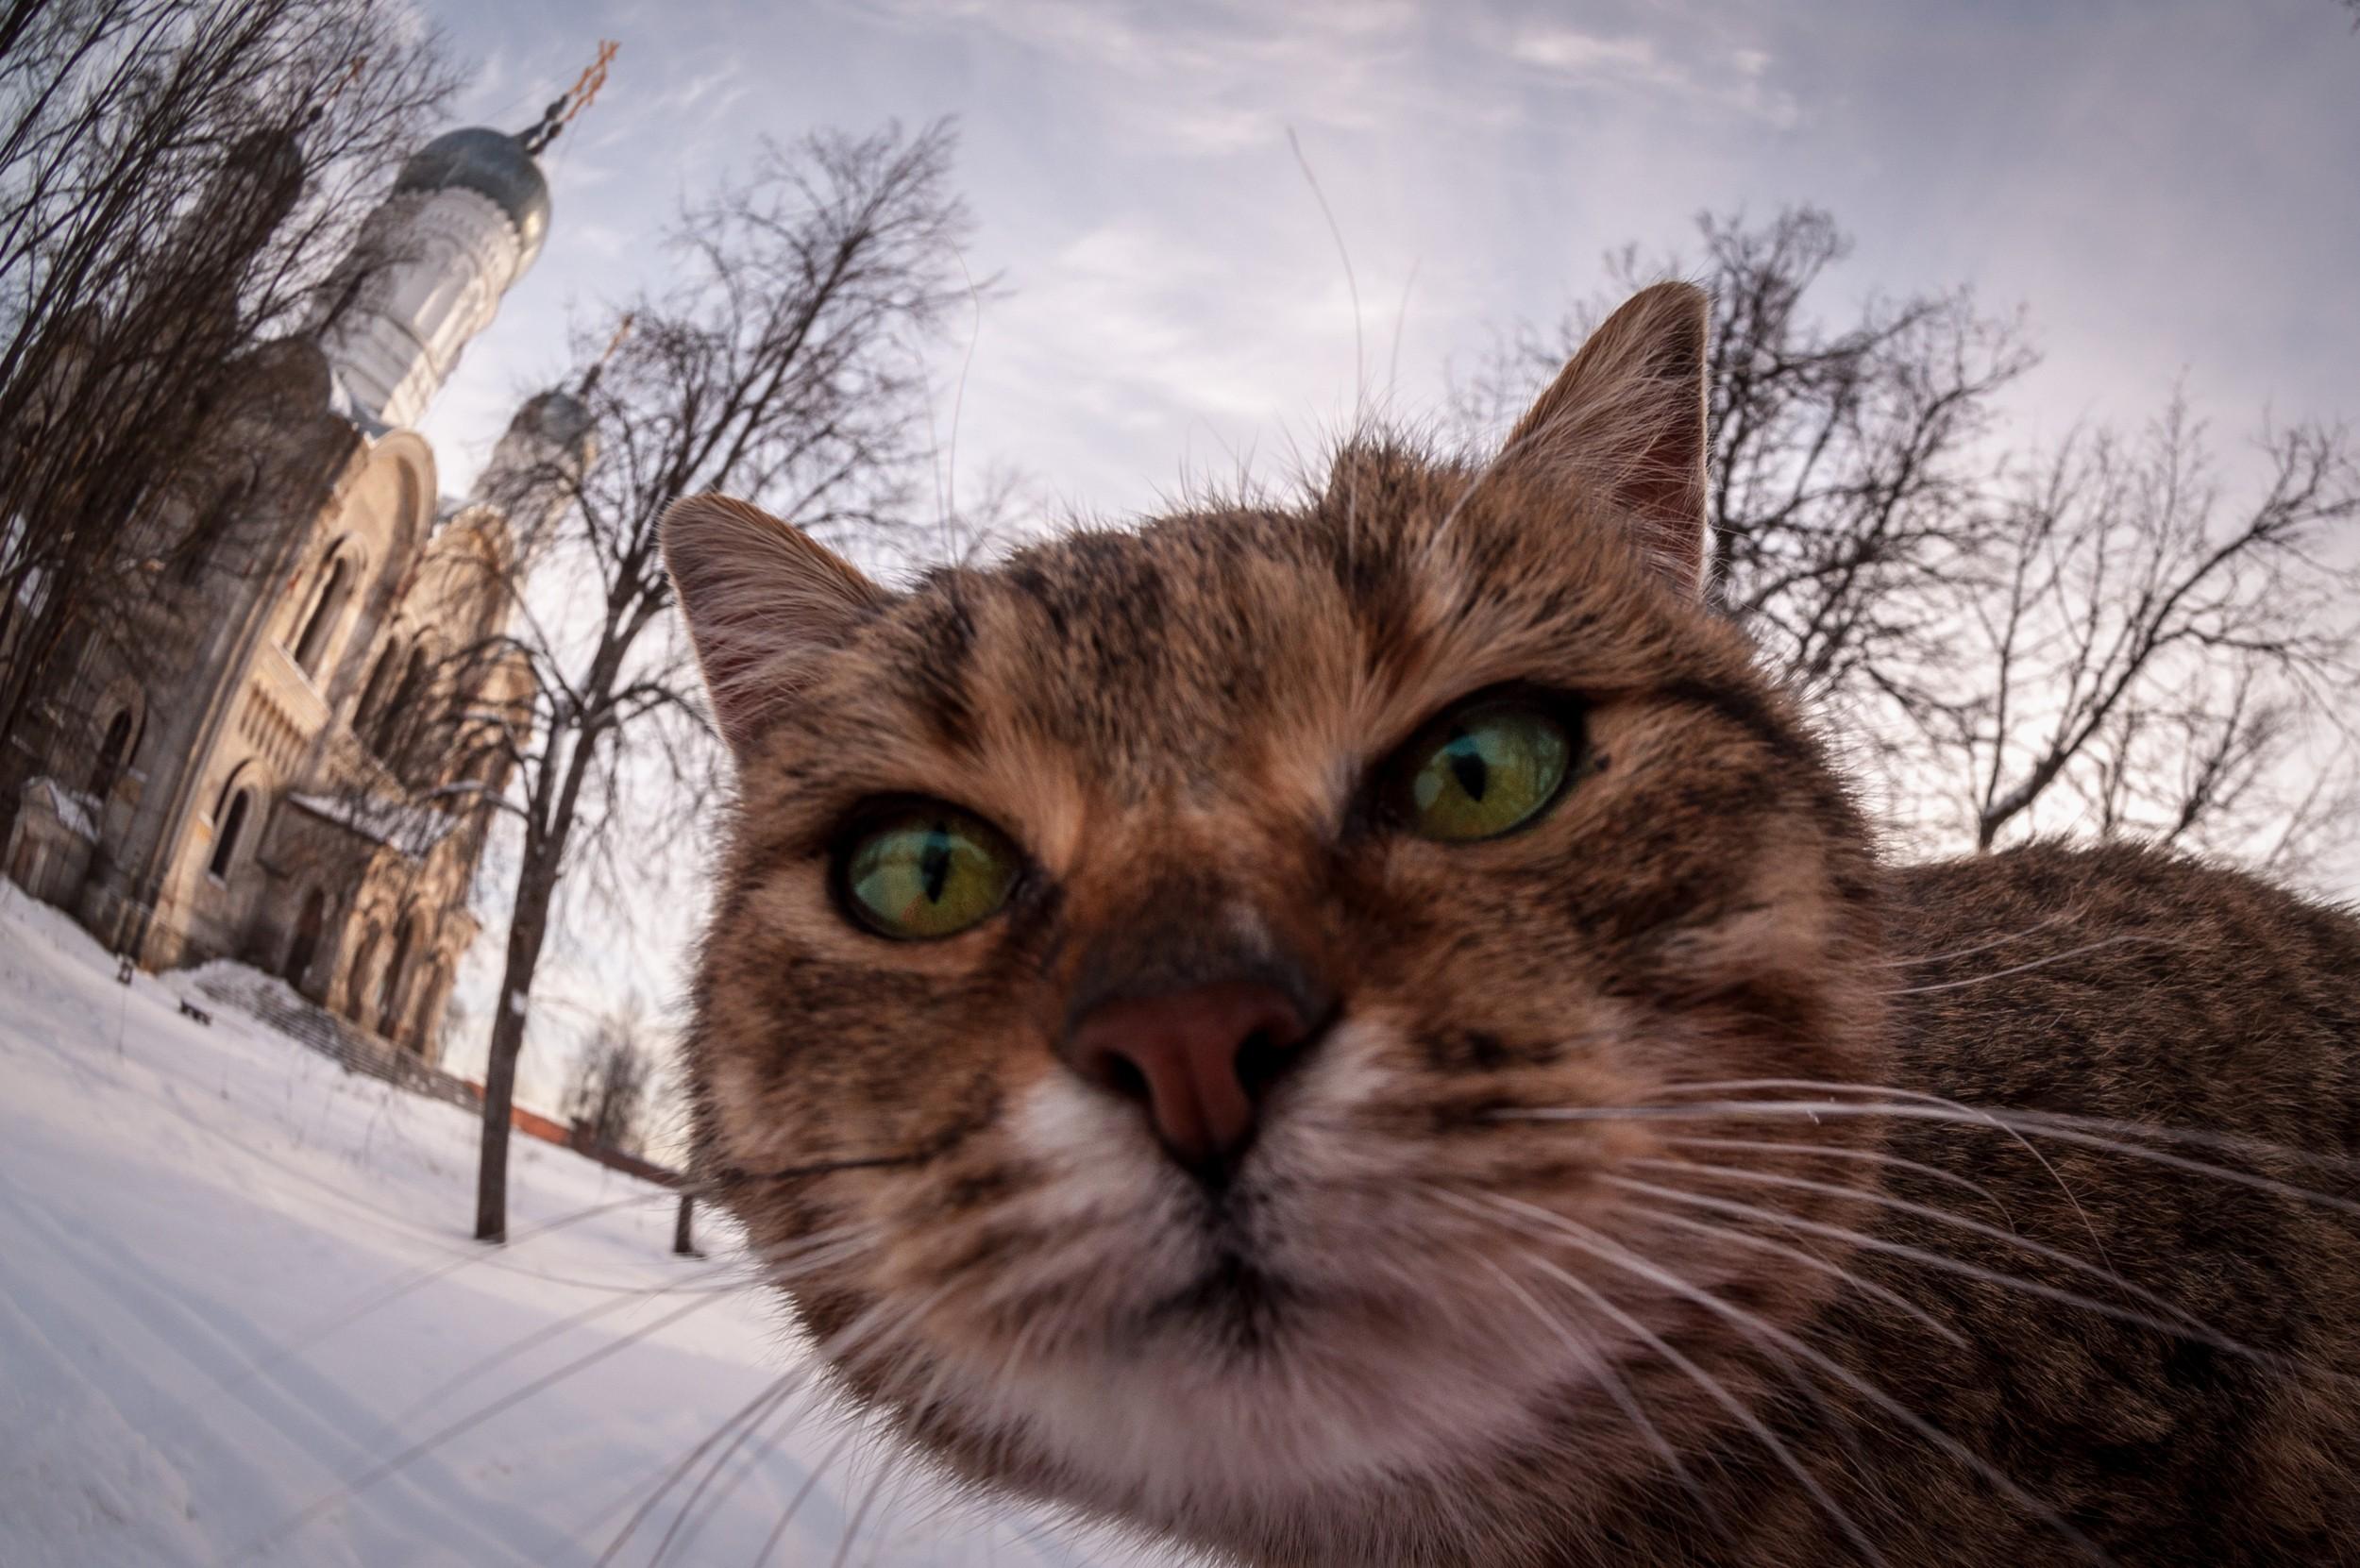 Покажи мне фотографии котов